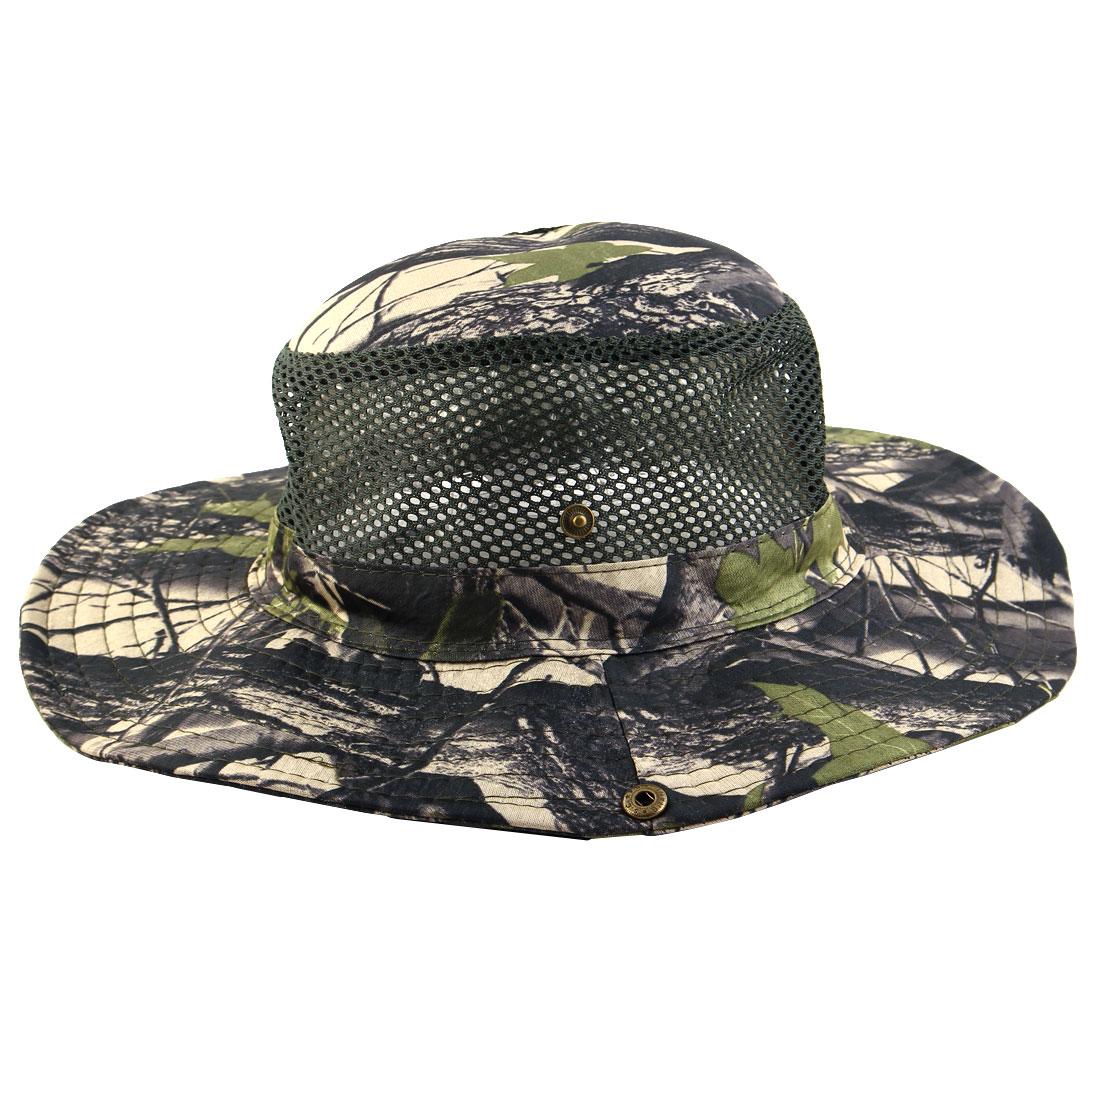 Men Summer Wide Brim Western Style Camouflage Mesh Cap Net Sunhat Cowboy Hat #5